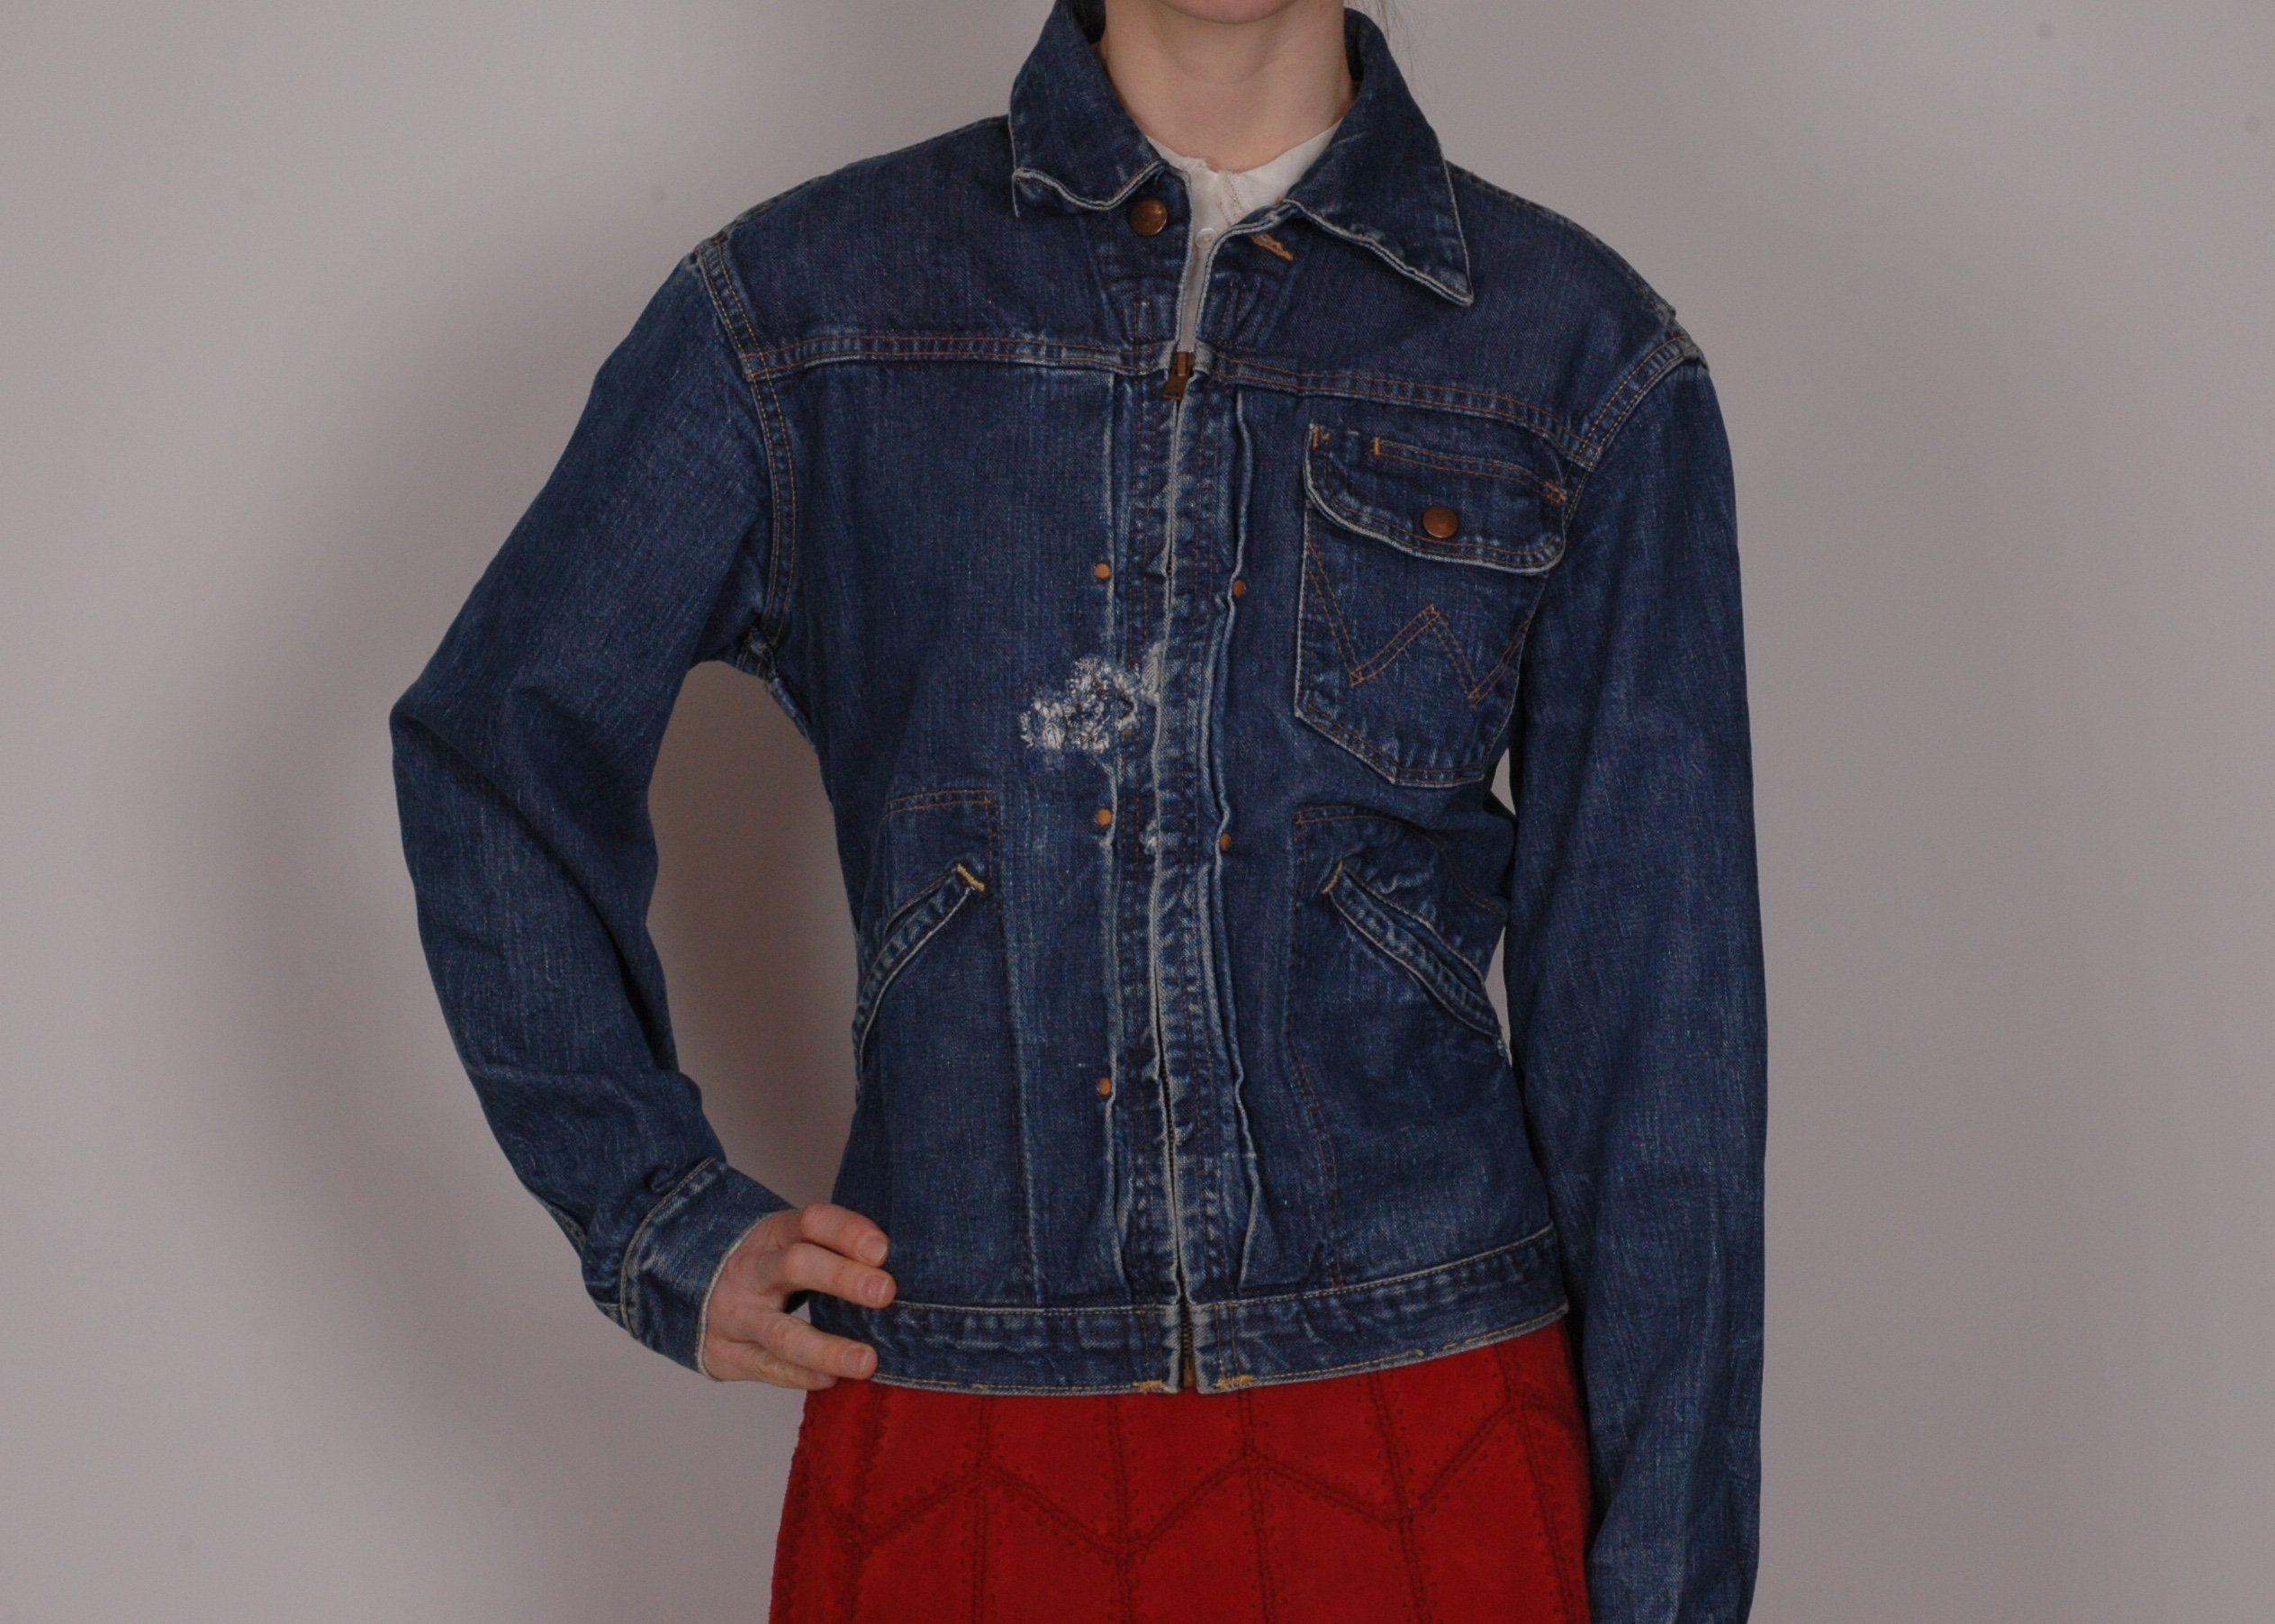 True Vintage Bluebell Wrangler 24mjz 1960s Denim Jacket Etsy Denim Jacket Jackets True Vintage [ 1804 x 2527 Pixel ]